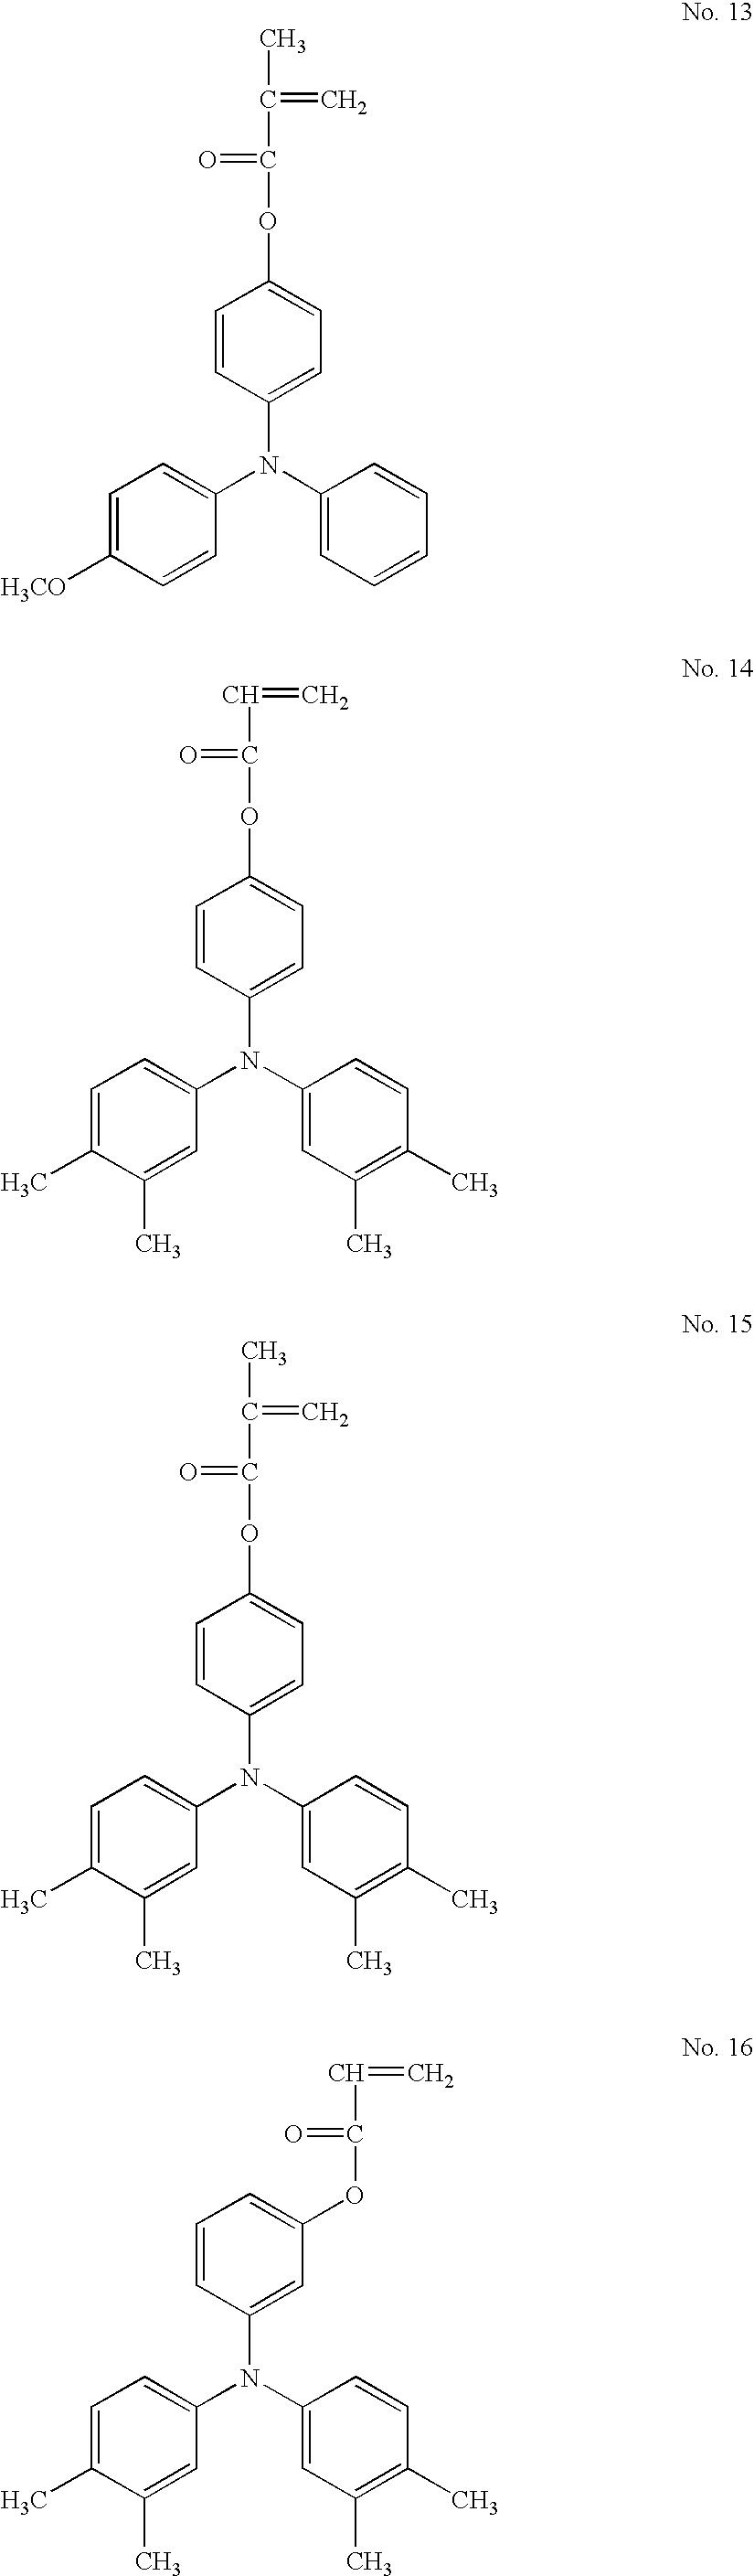 Figure US07824830-20101102-C00022